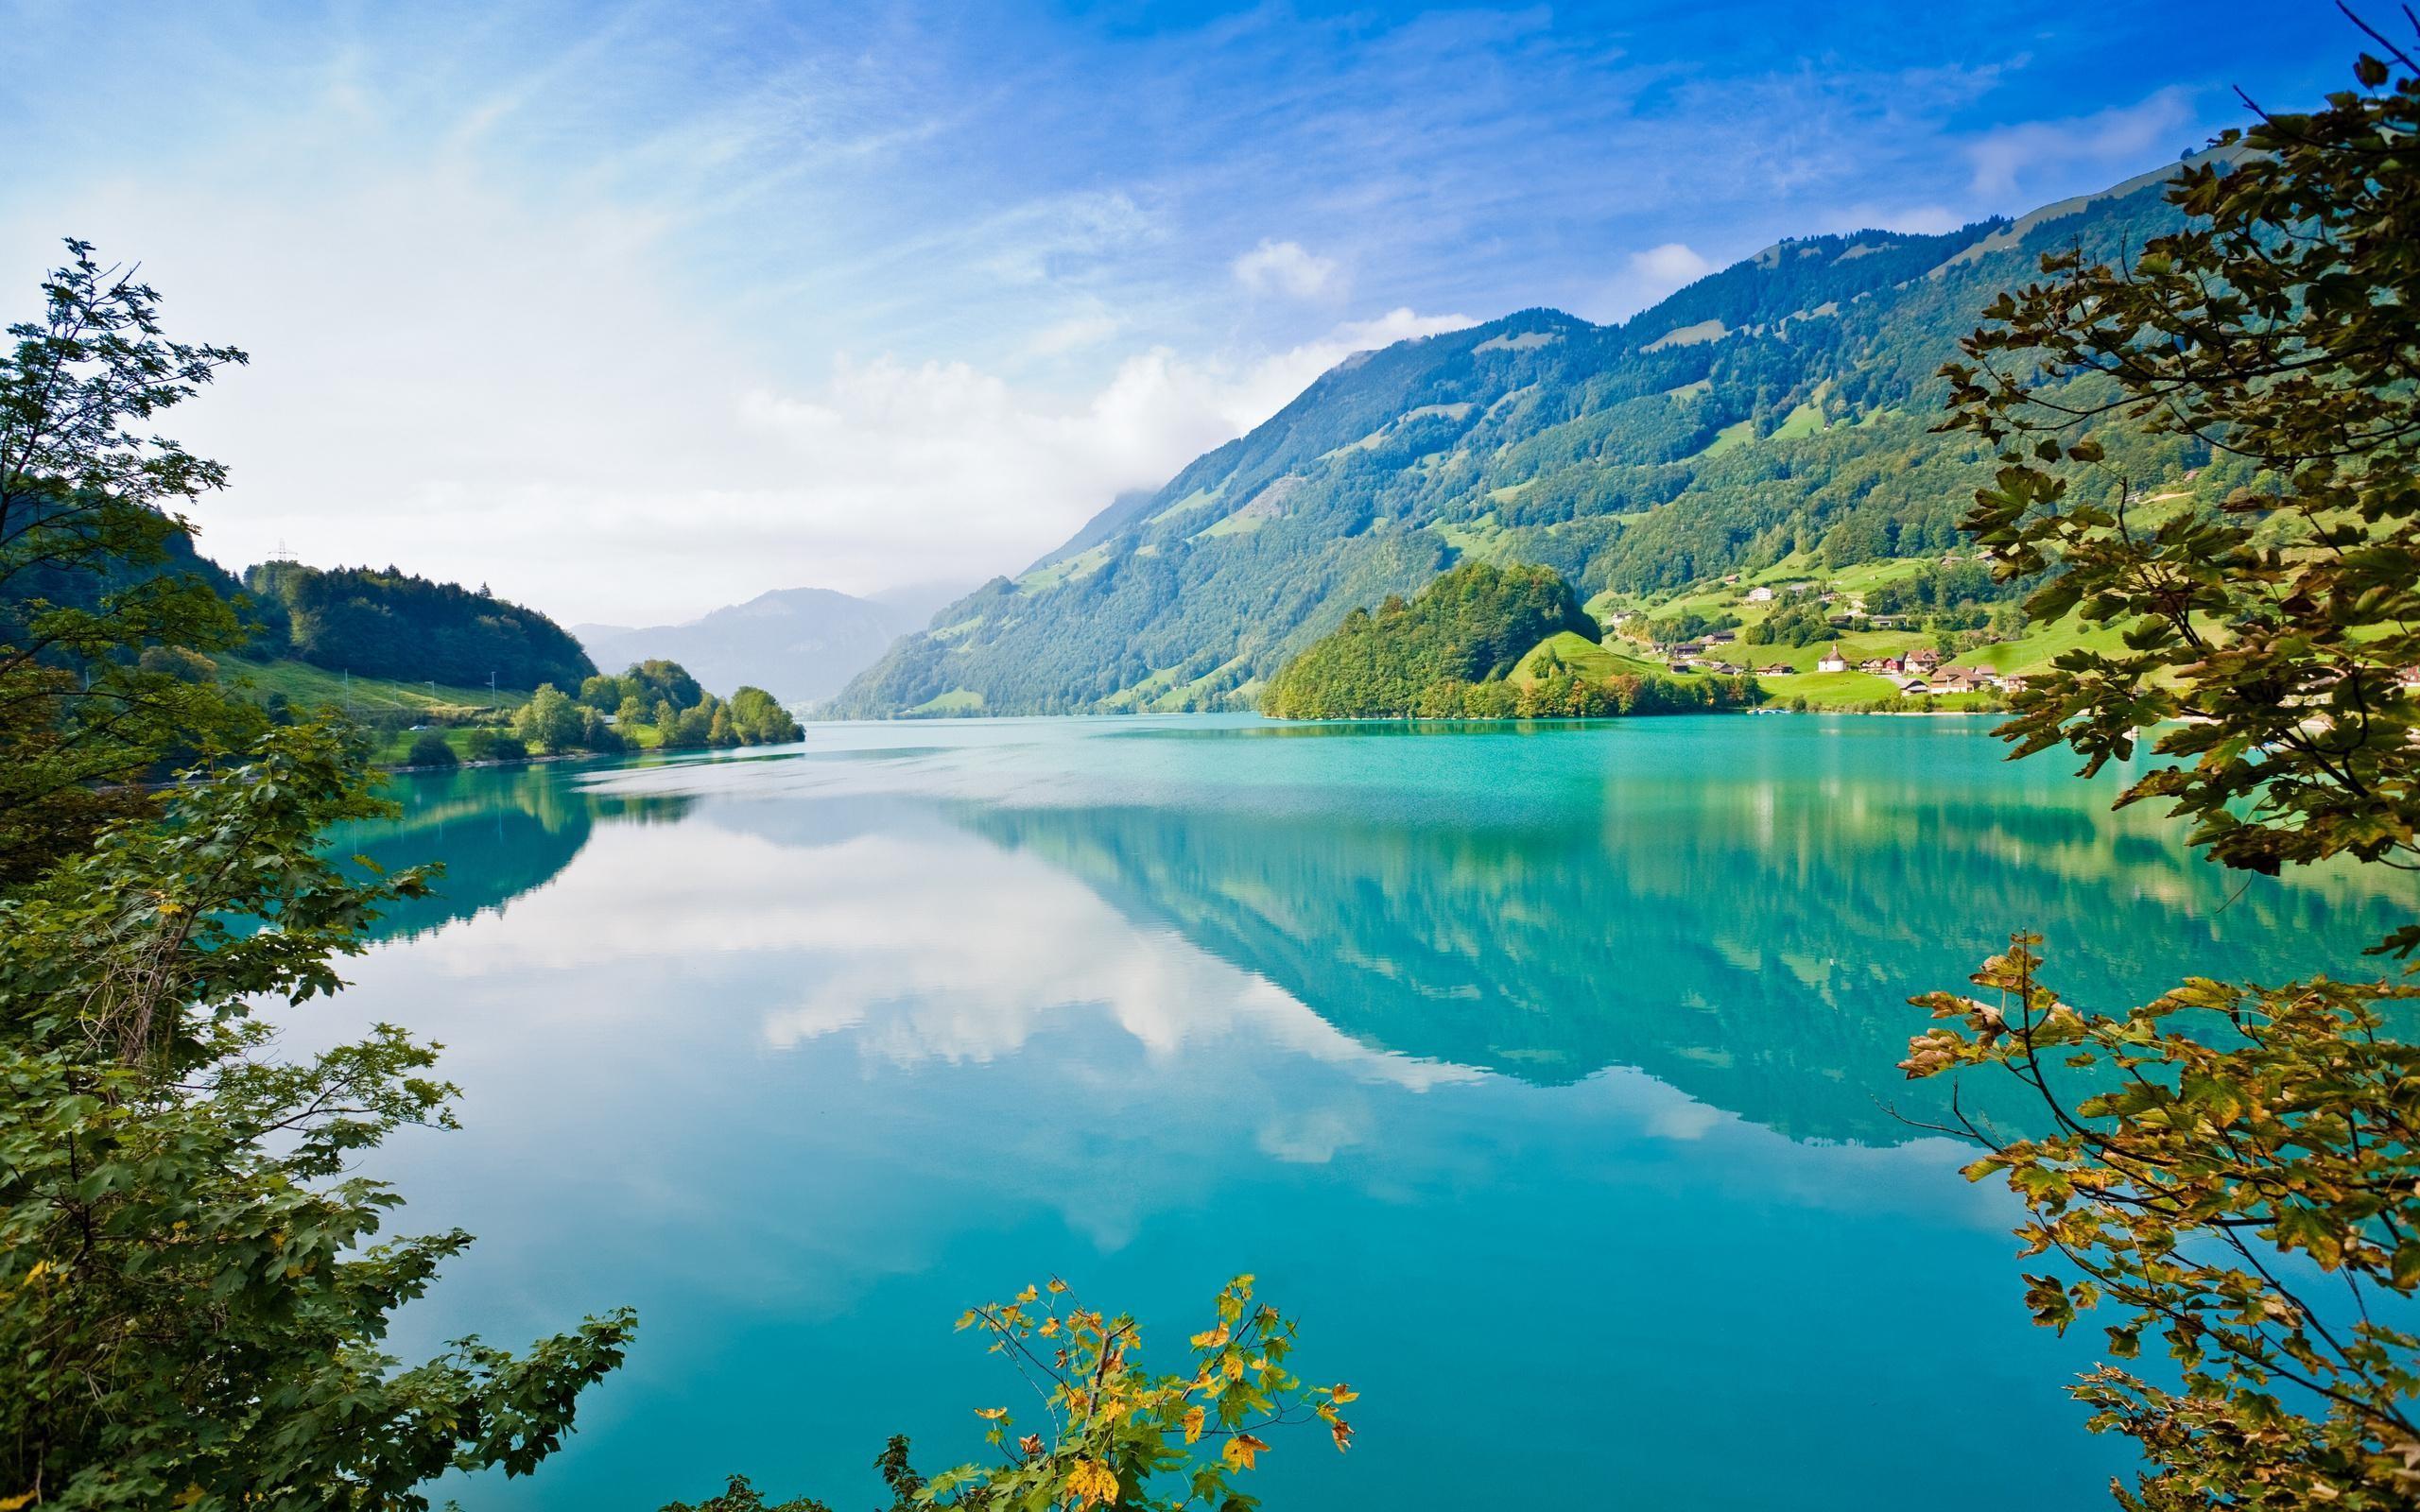 Cool Mountain Lake Summer HD Desktop Wallpaper, Background Image